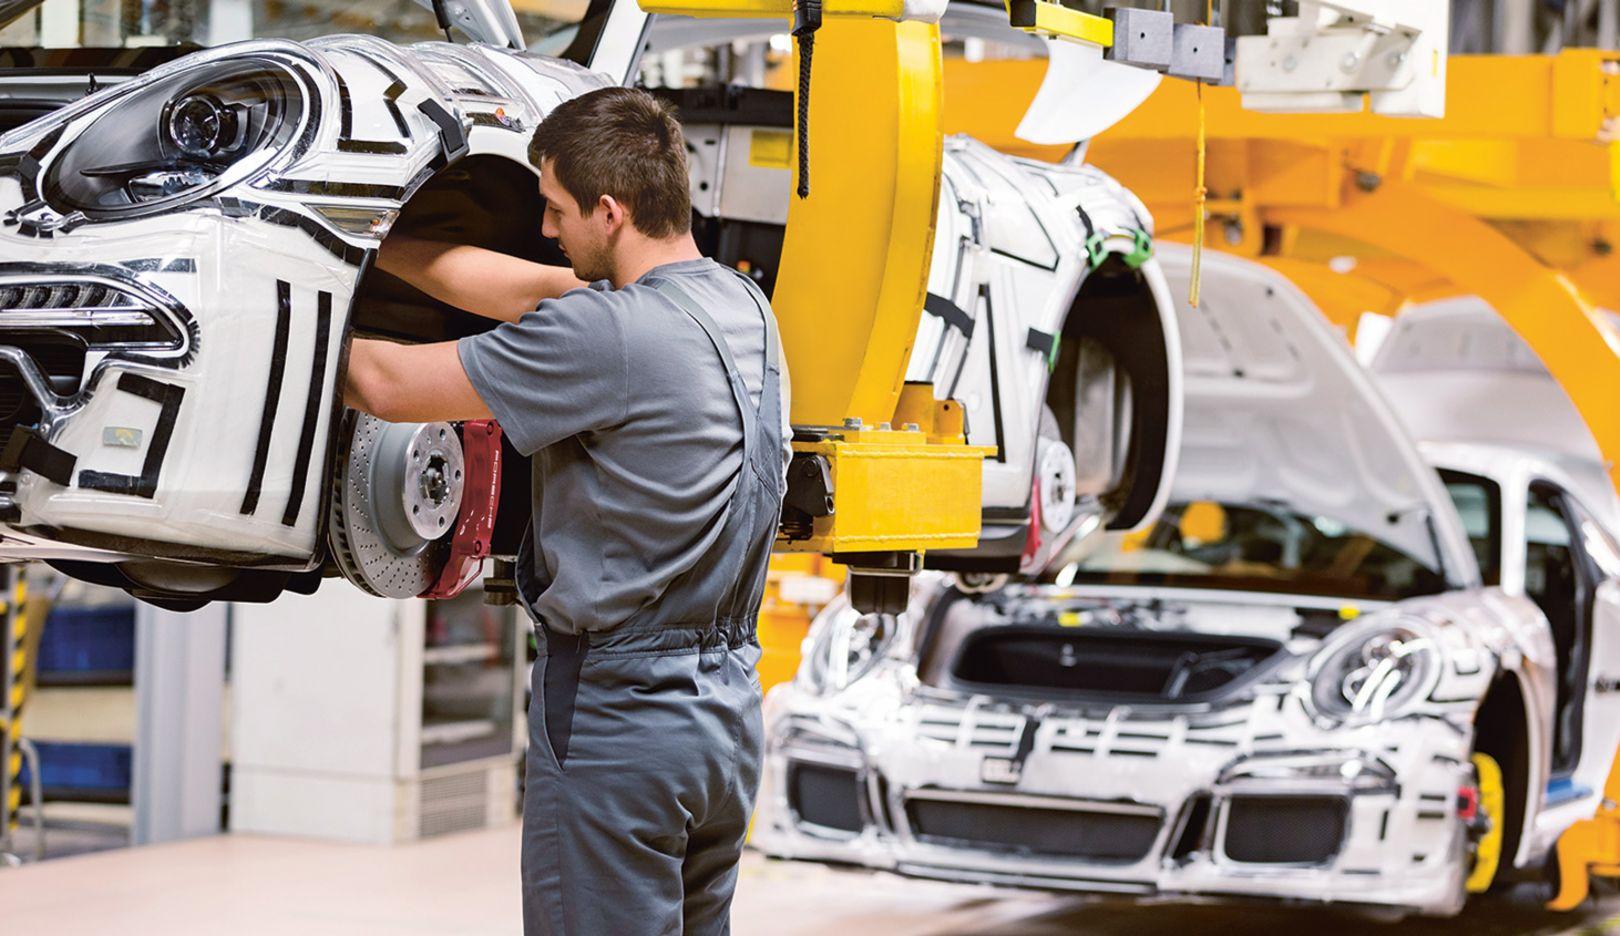 911 Carrera, Production Zuffenhausen, 2015, Porsche AG